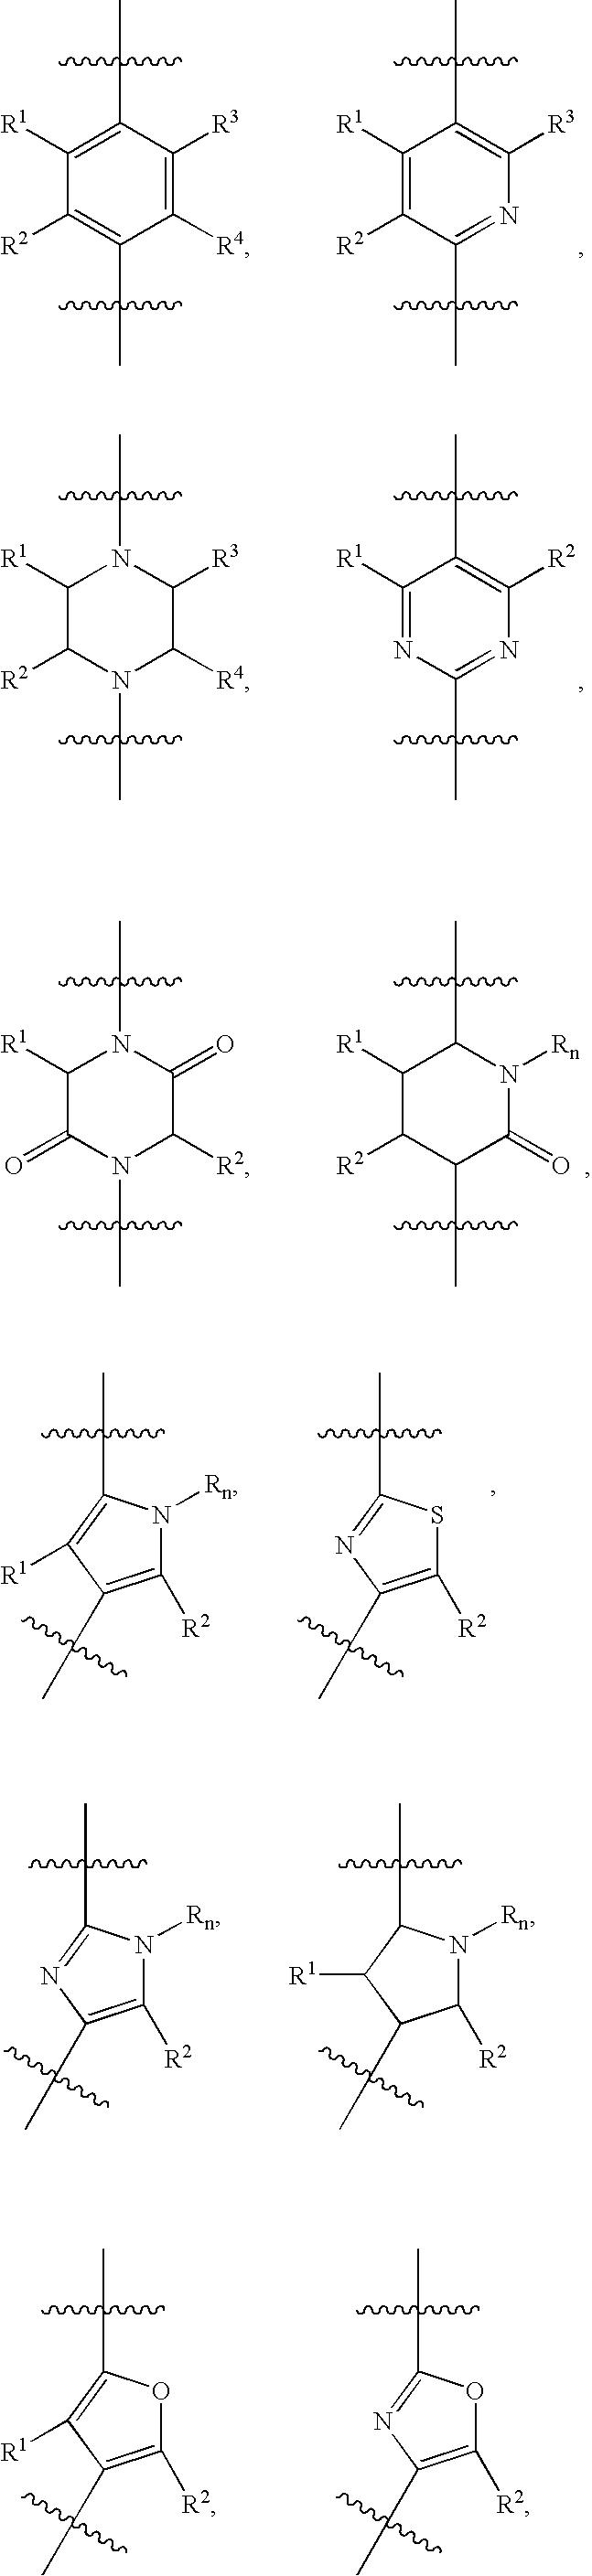 Figure US07312246-20071225-C00004